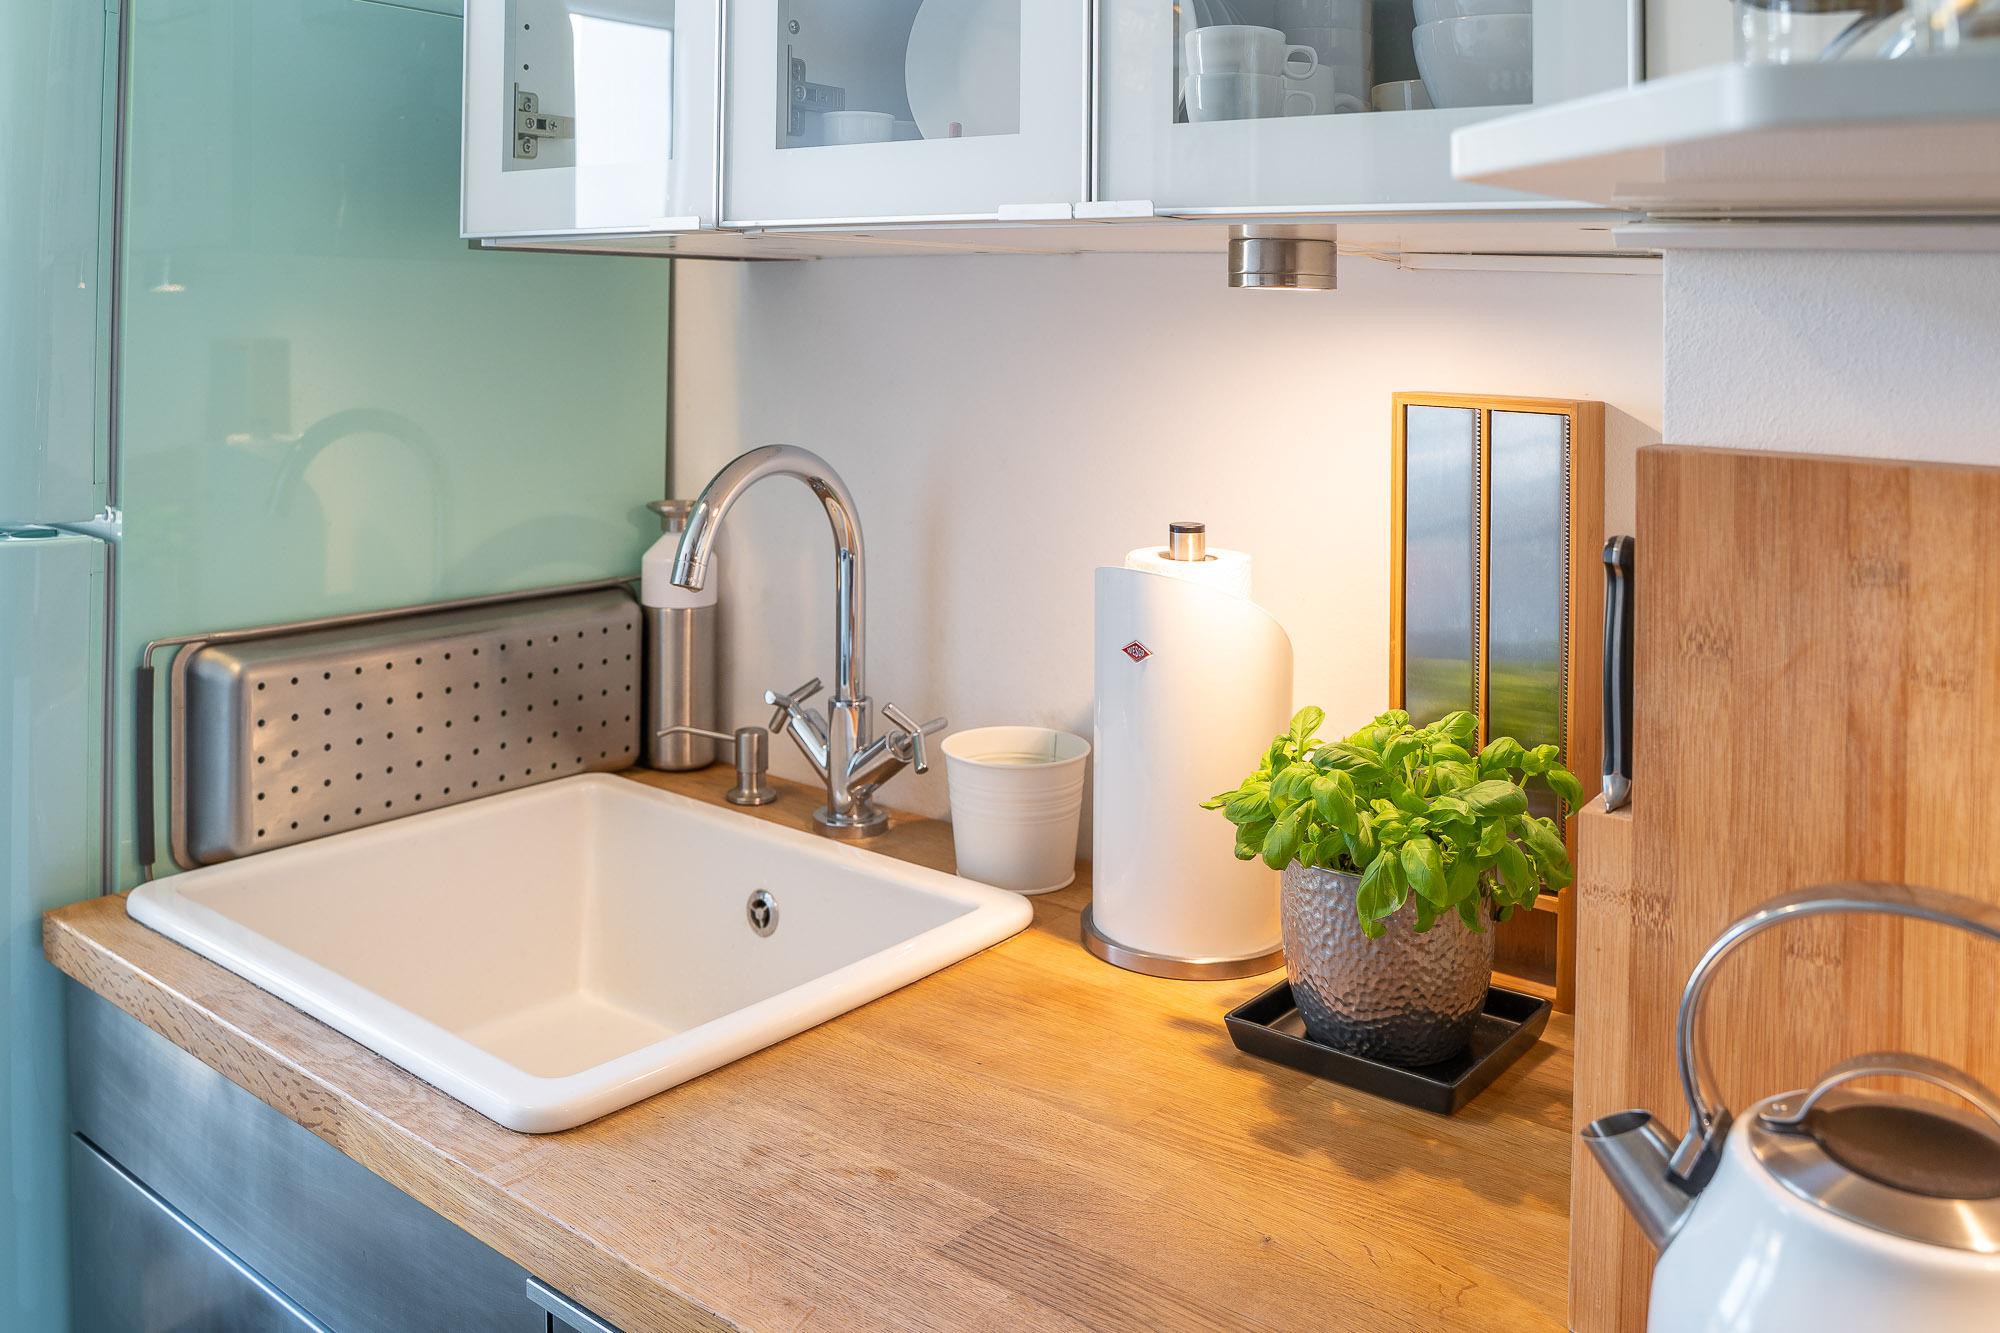 2019-04-26 - Moritz Real Estate-028A7304085-2.jpg